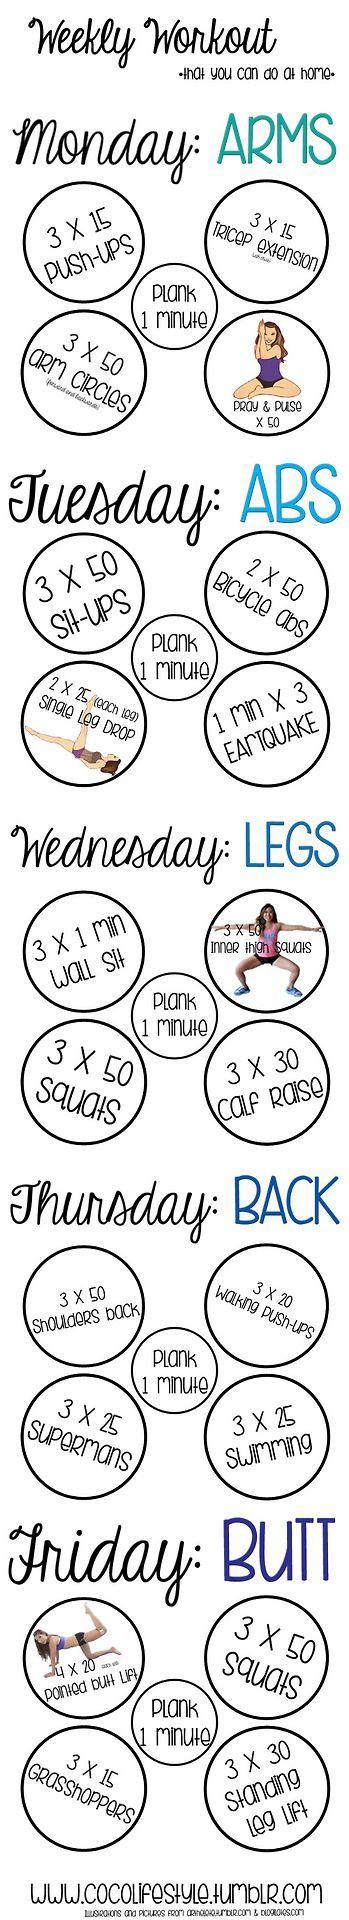 weekly workout circuit plan.jpg